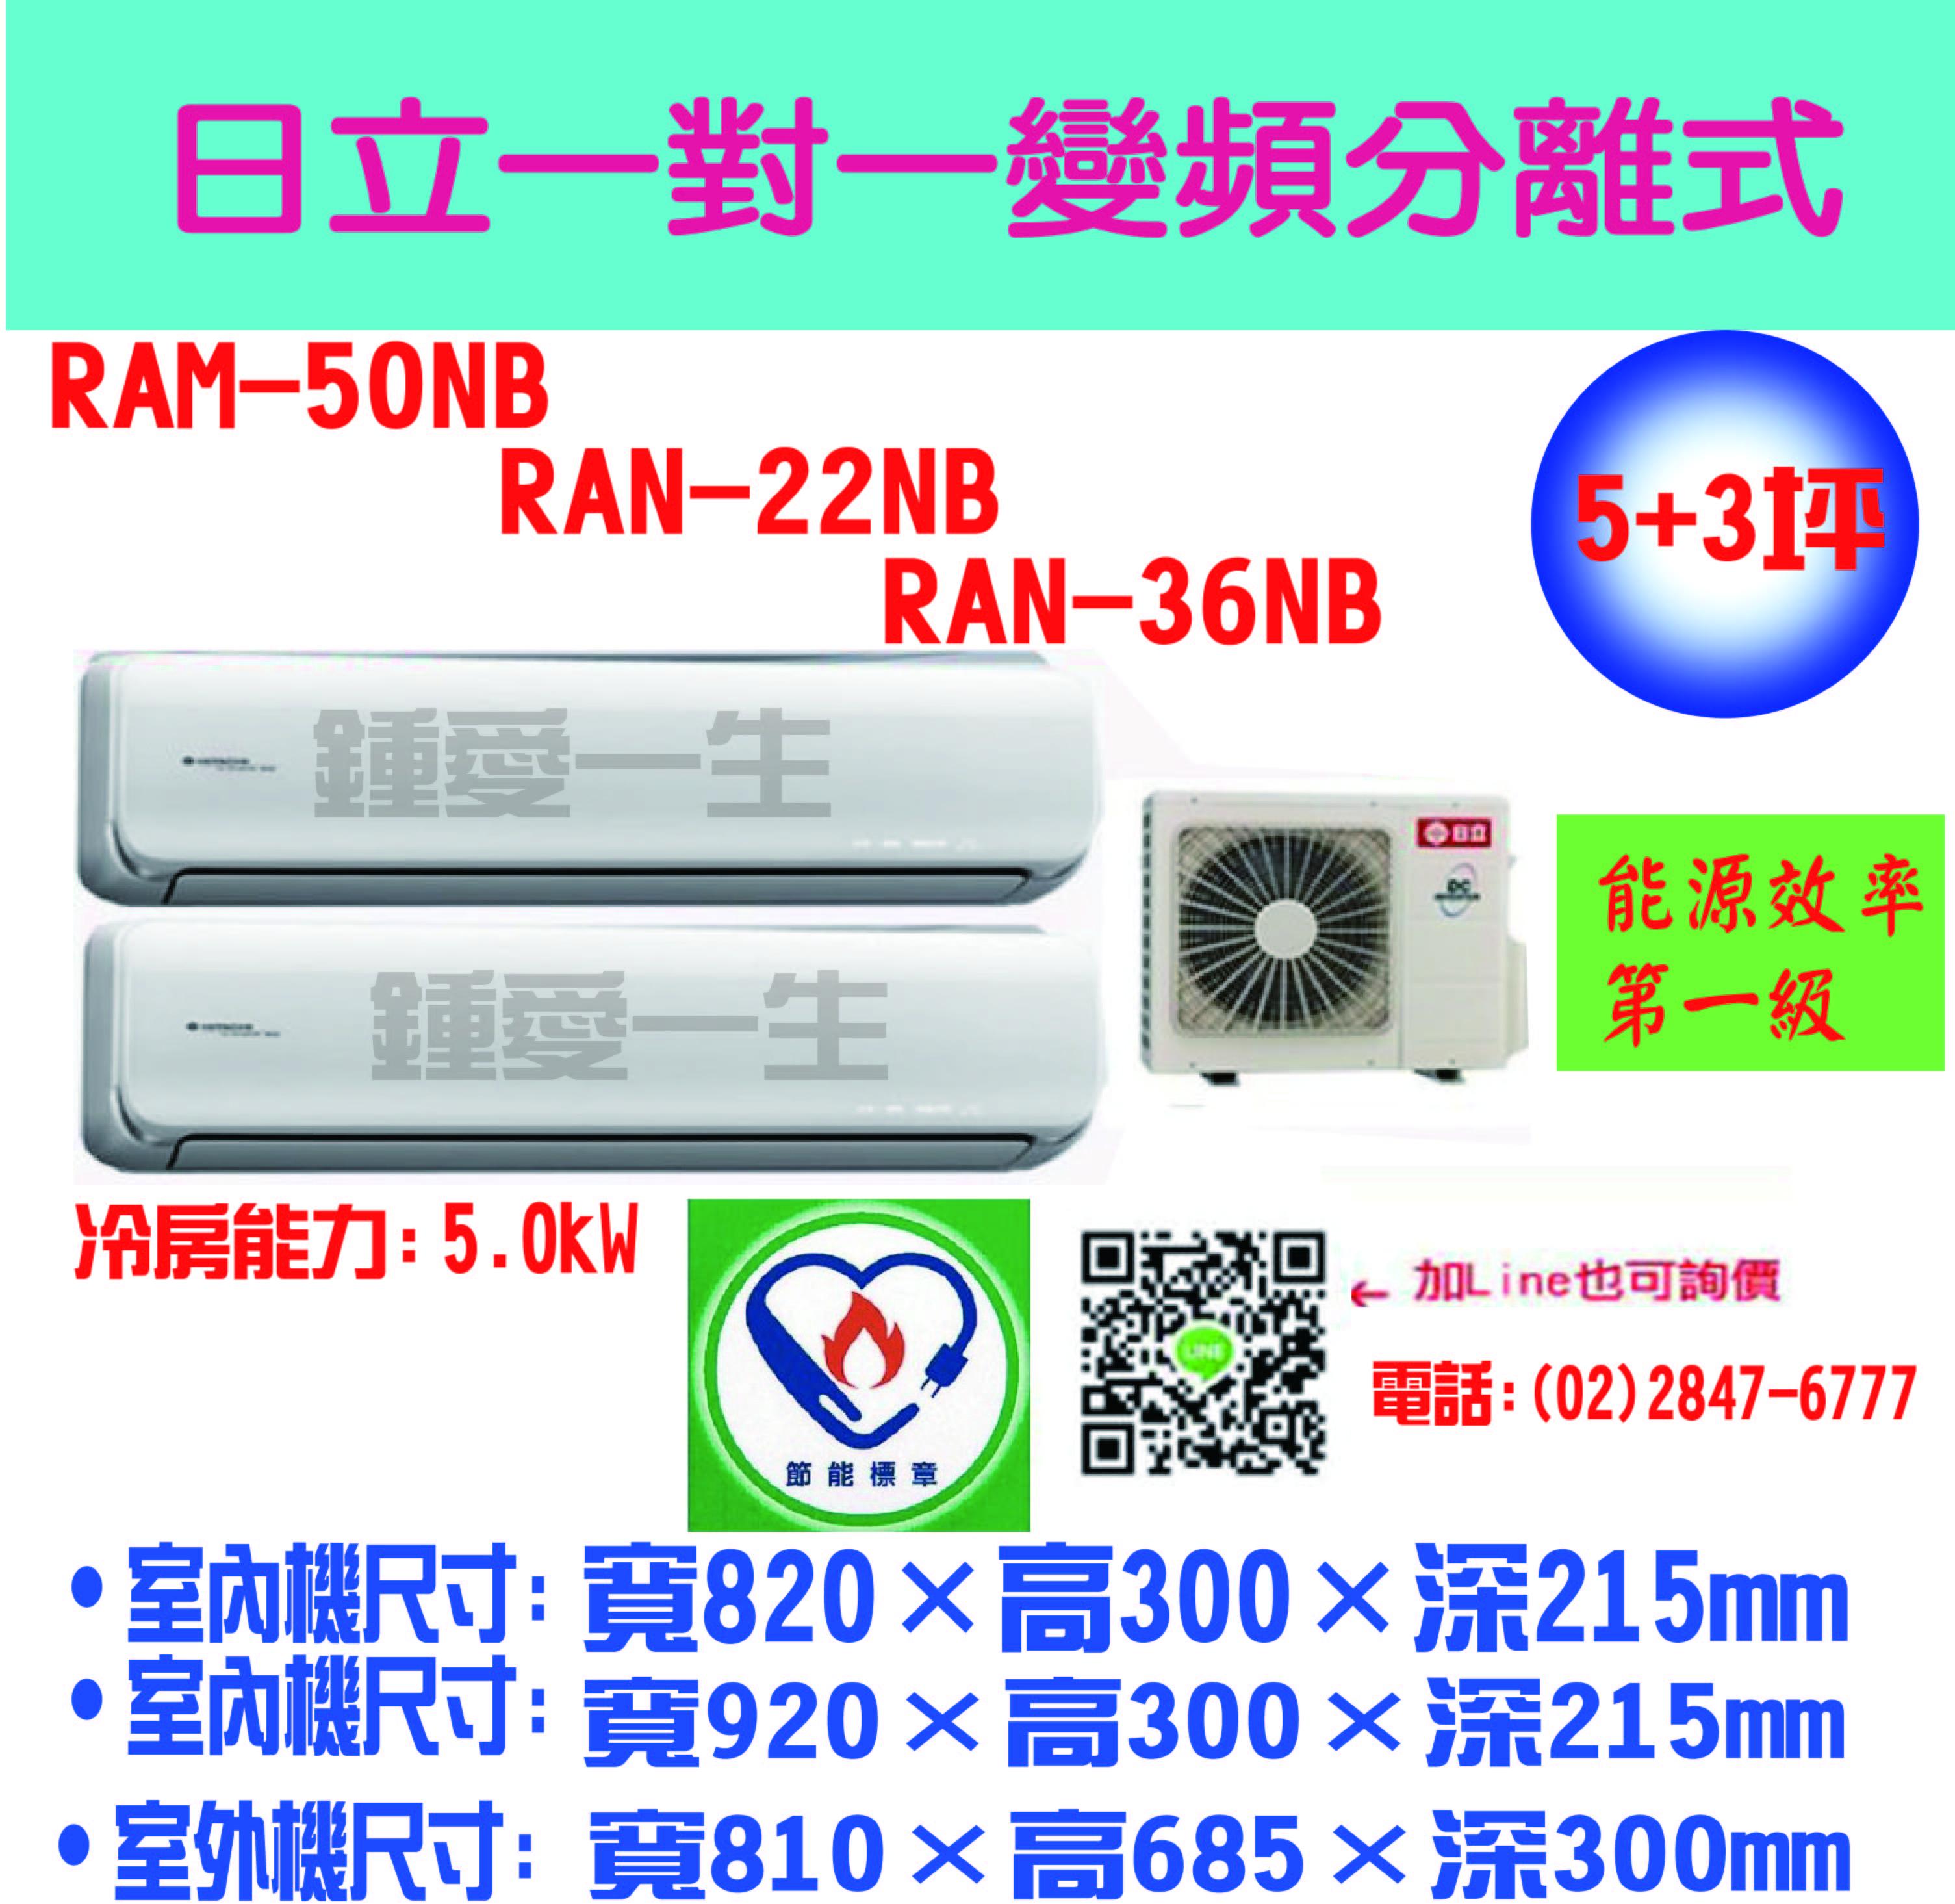 【鍾愛一生】【RAM-50NB / RAS-22NB + RAS-36NB】HITACHI 日立冷氣 變頻 冷暖 頂級型 分離式 一對二 日本原裝壓縮機 節能1級 適用3-5坪+5-7坪 免費基本安裝 2/1~4/30贈好禮6選1